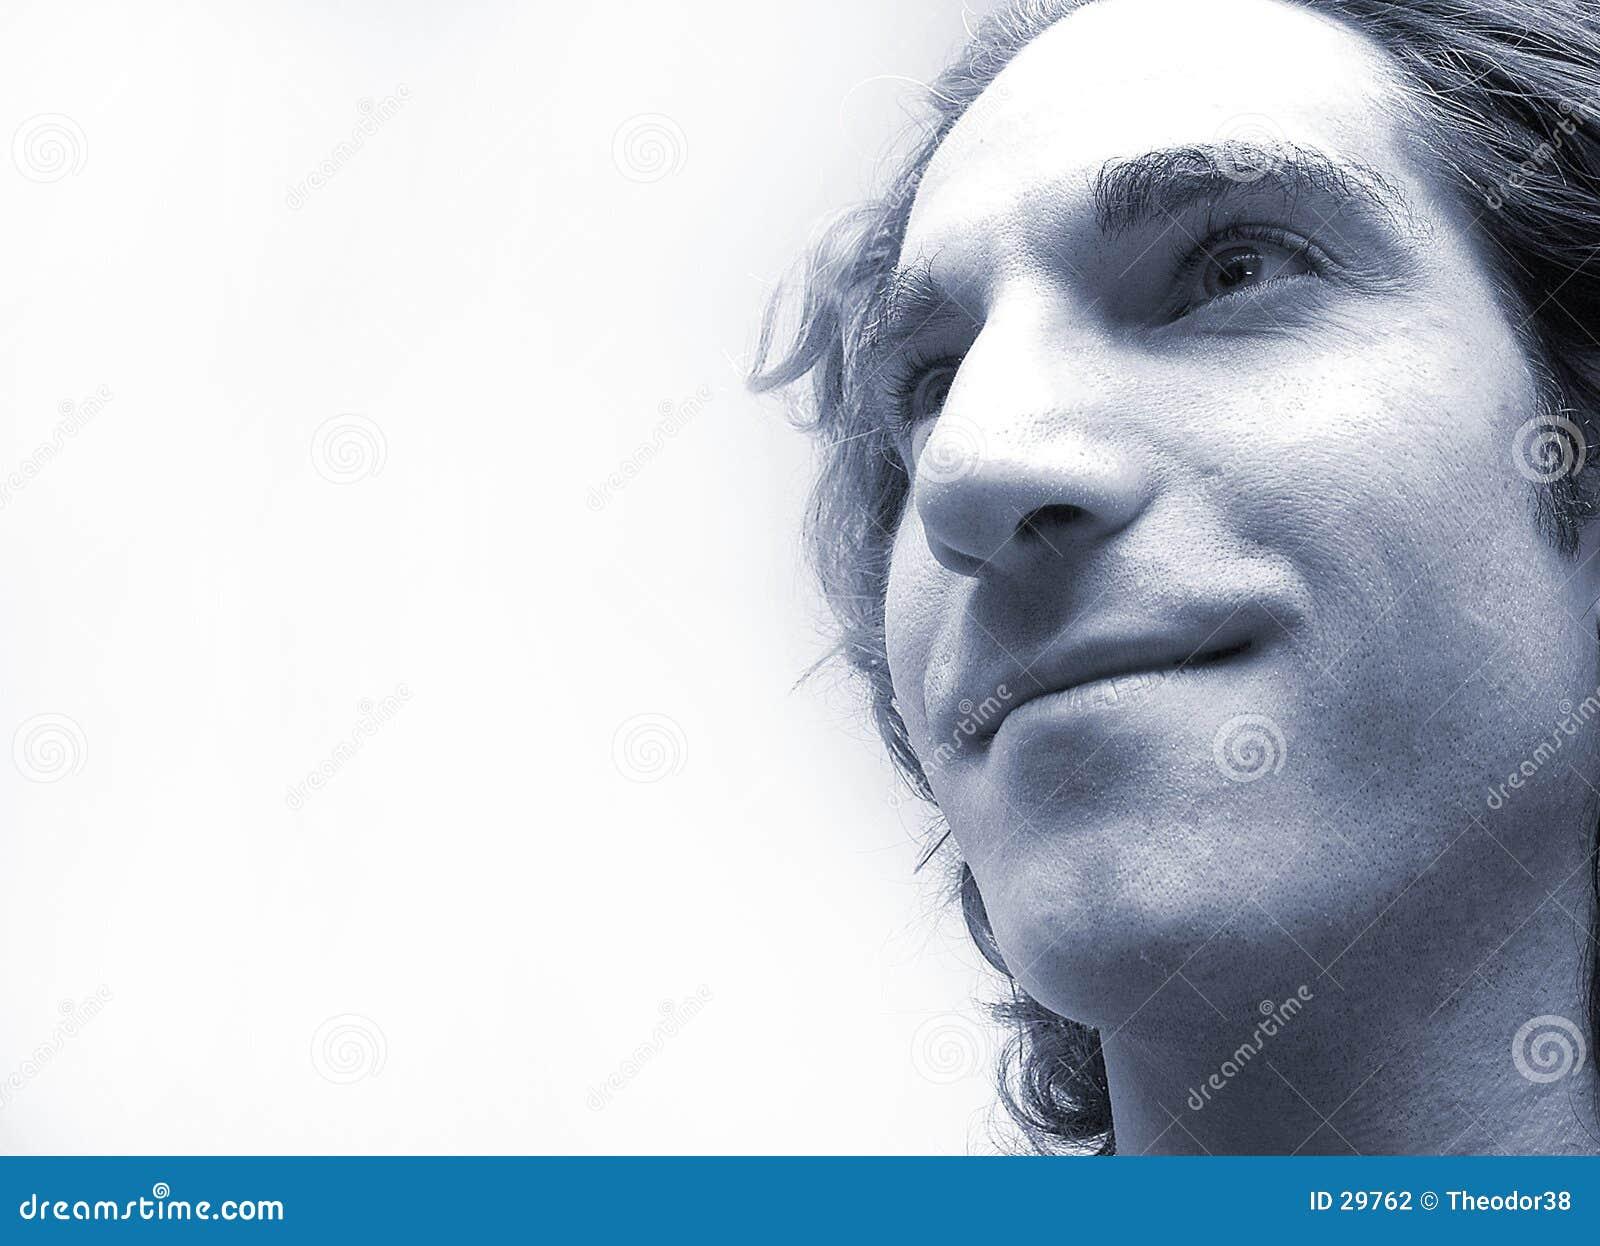 To twarz człowieka,